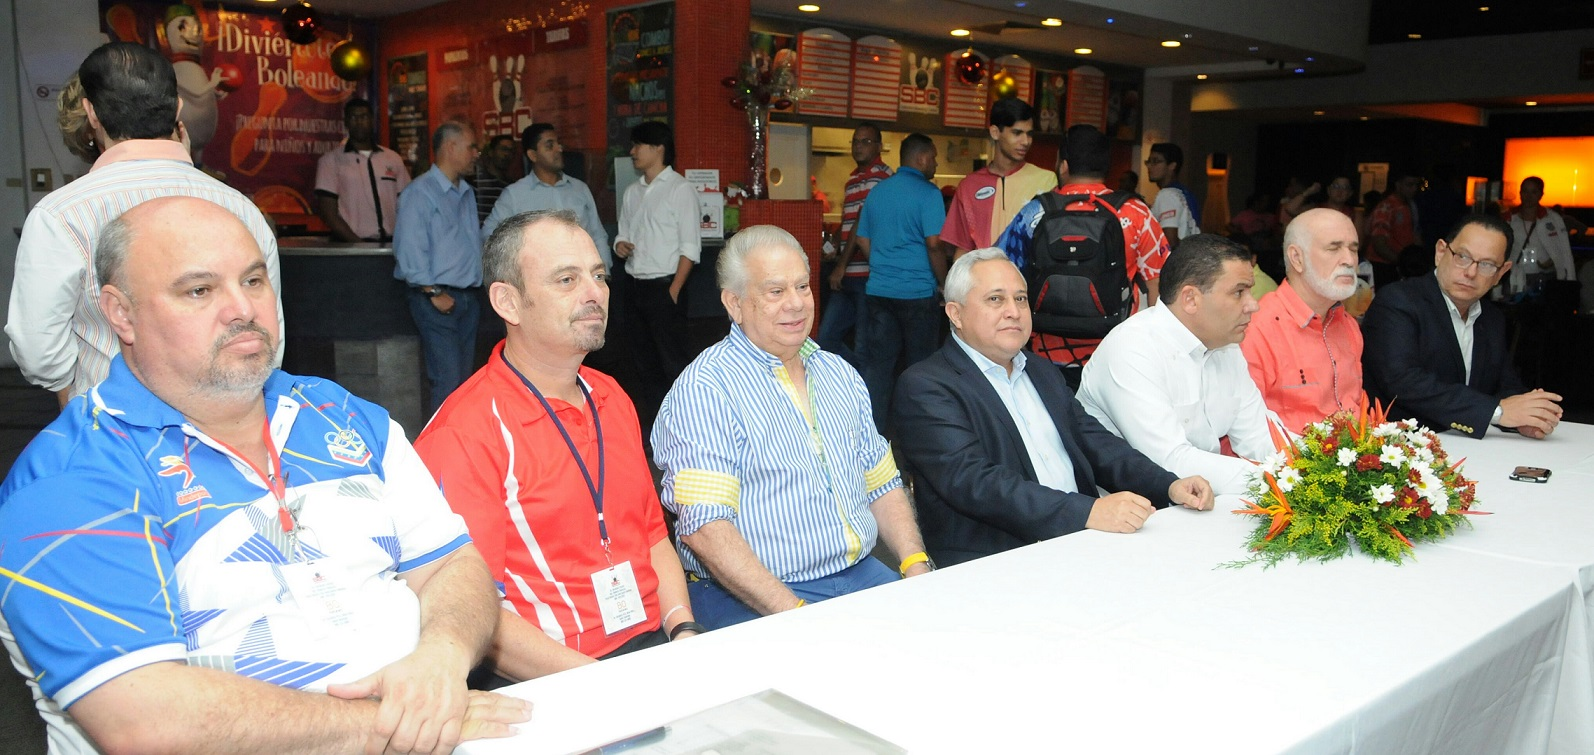 Con vistosa ceremonia inicia Centroamericano de Boliche